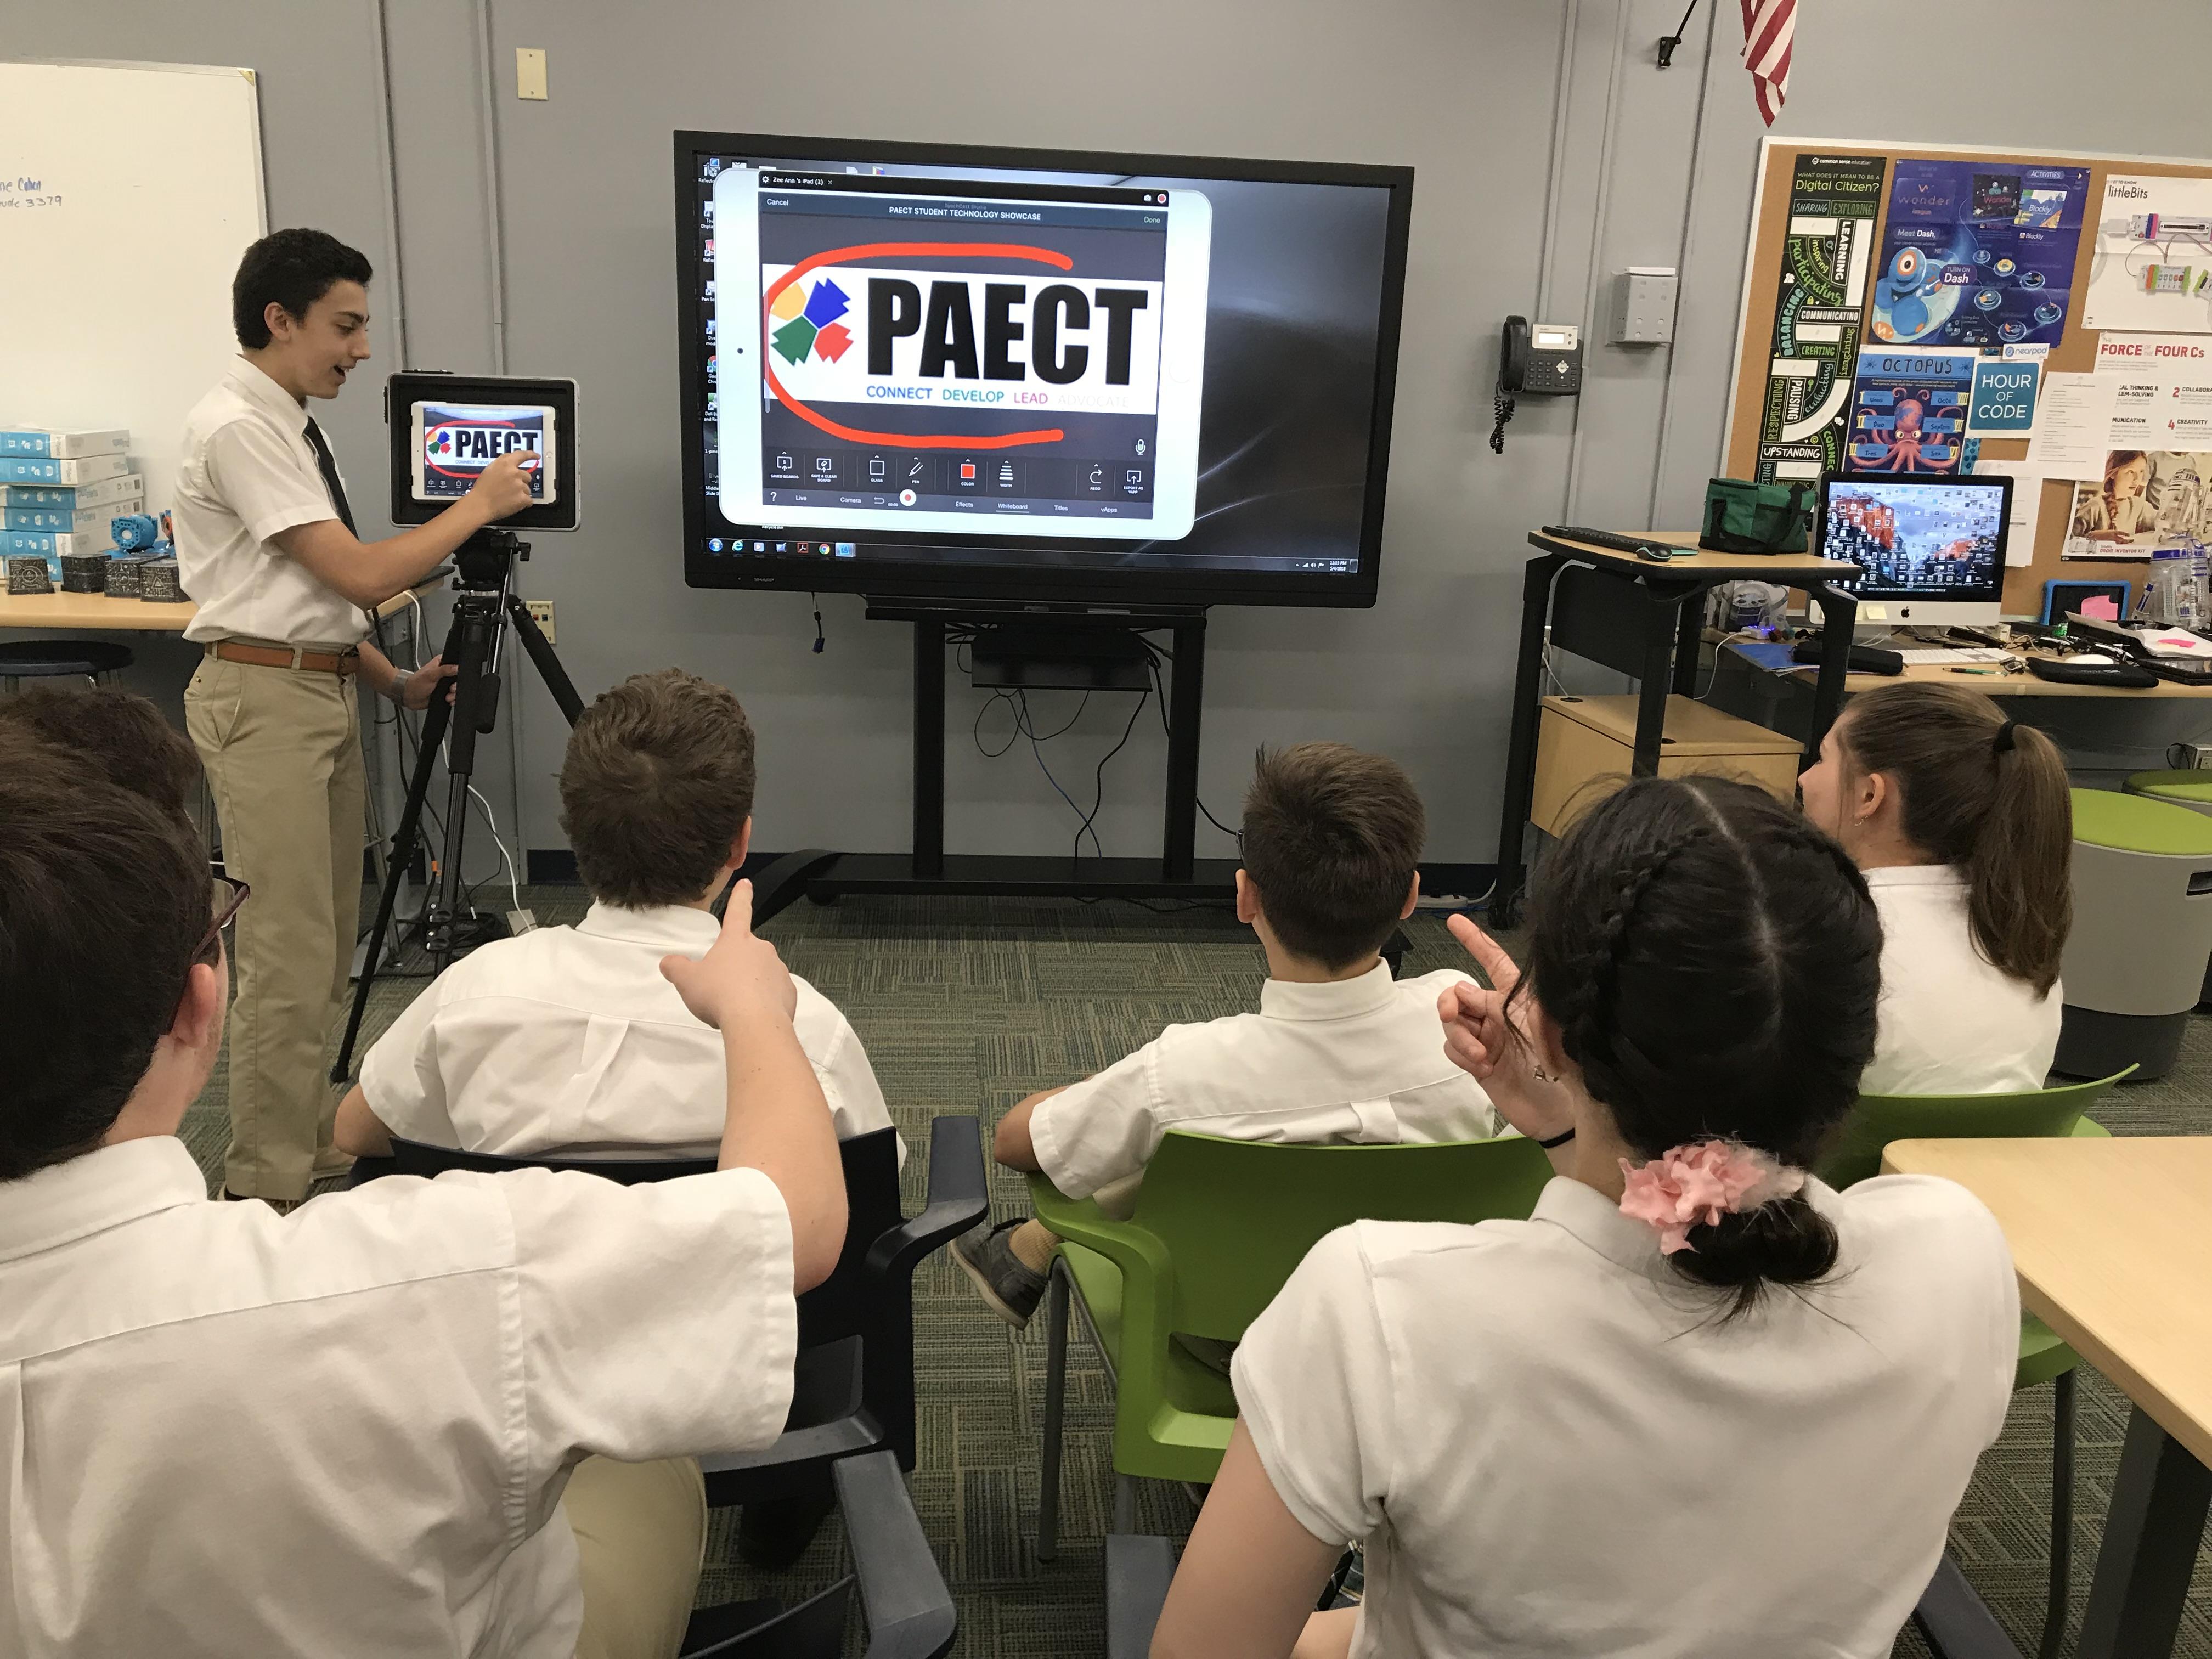 Reflector Teacher screen mirror edtech